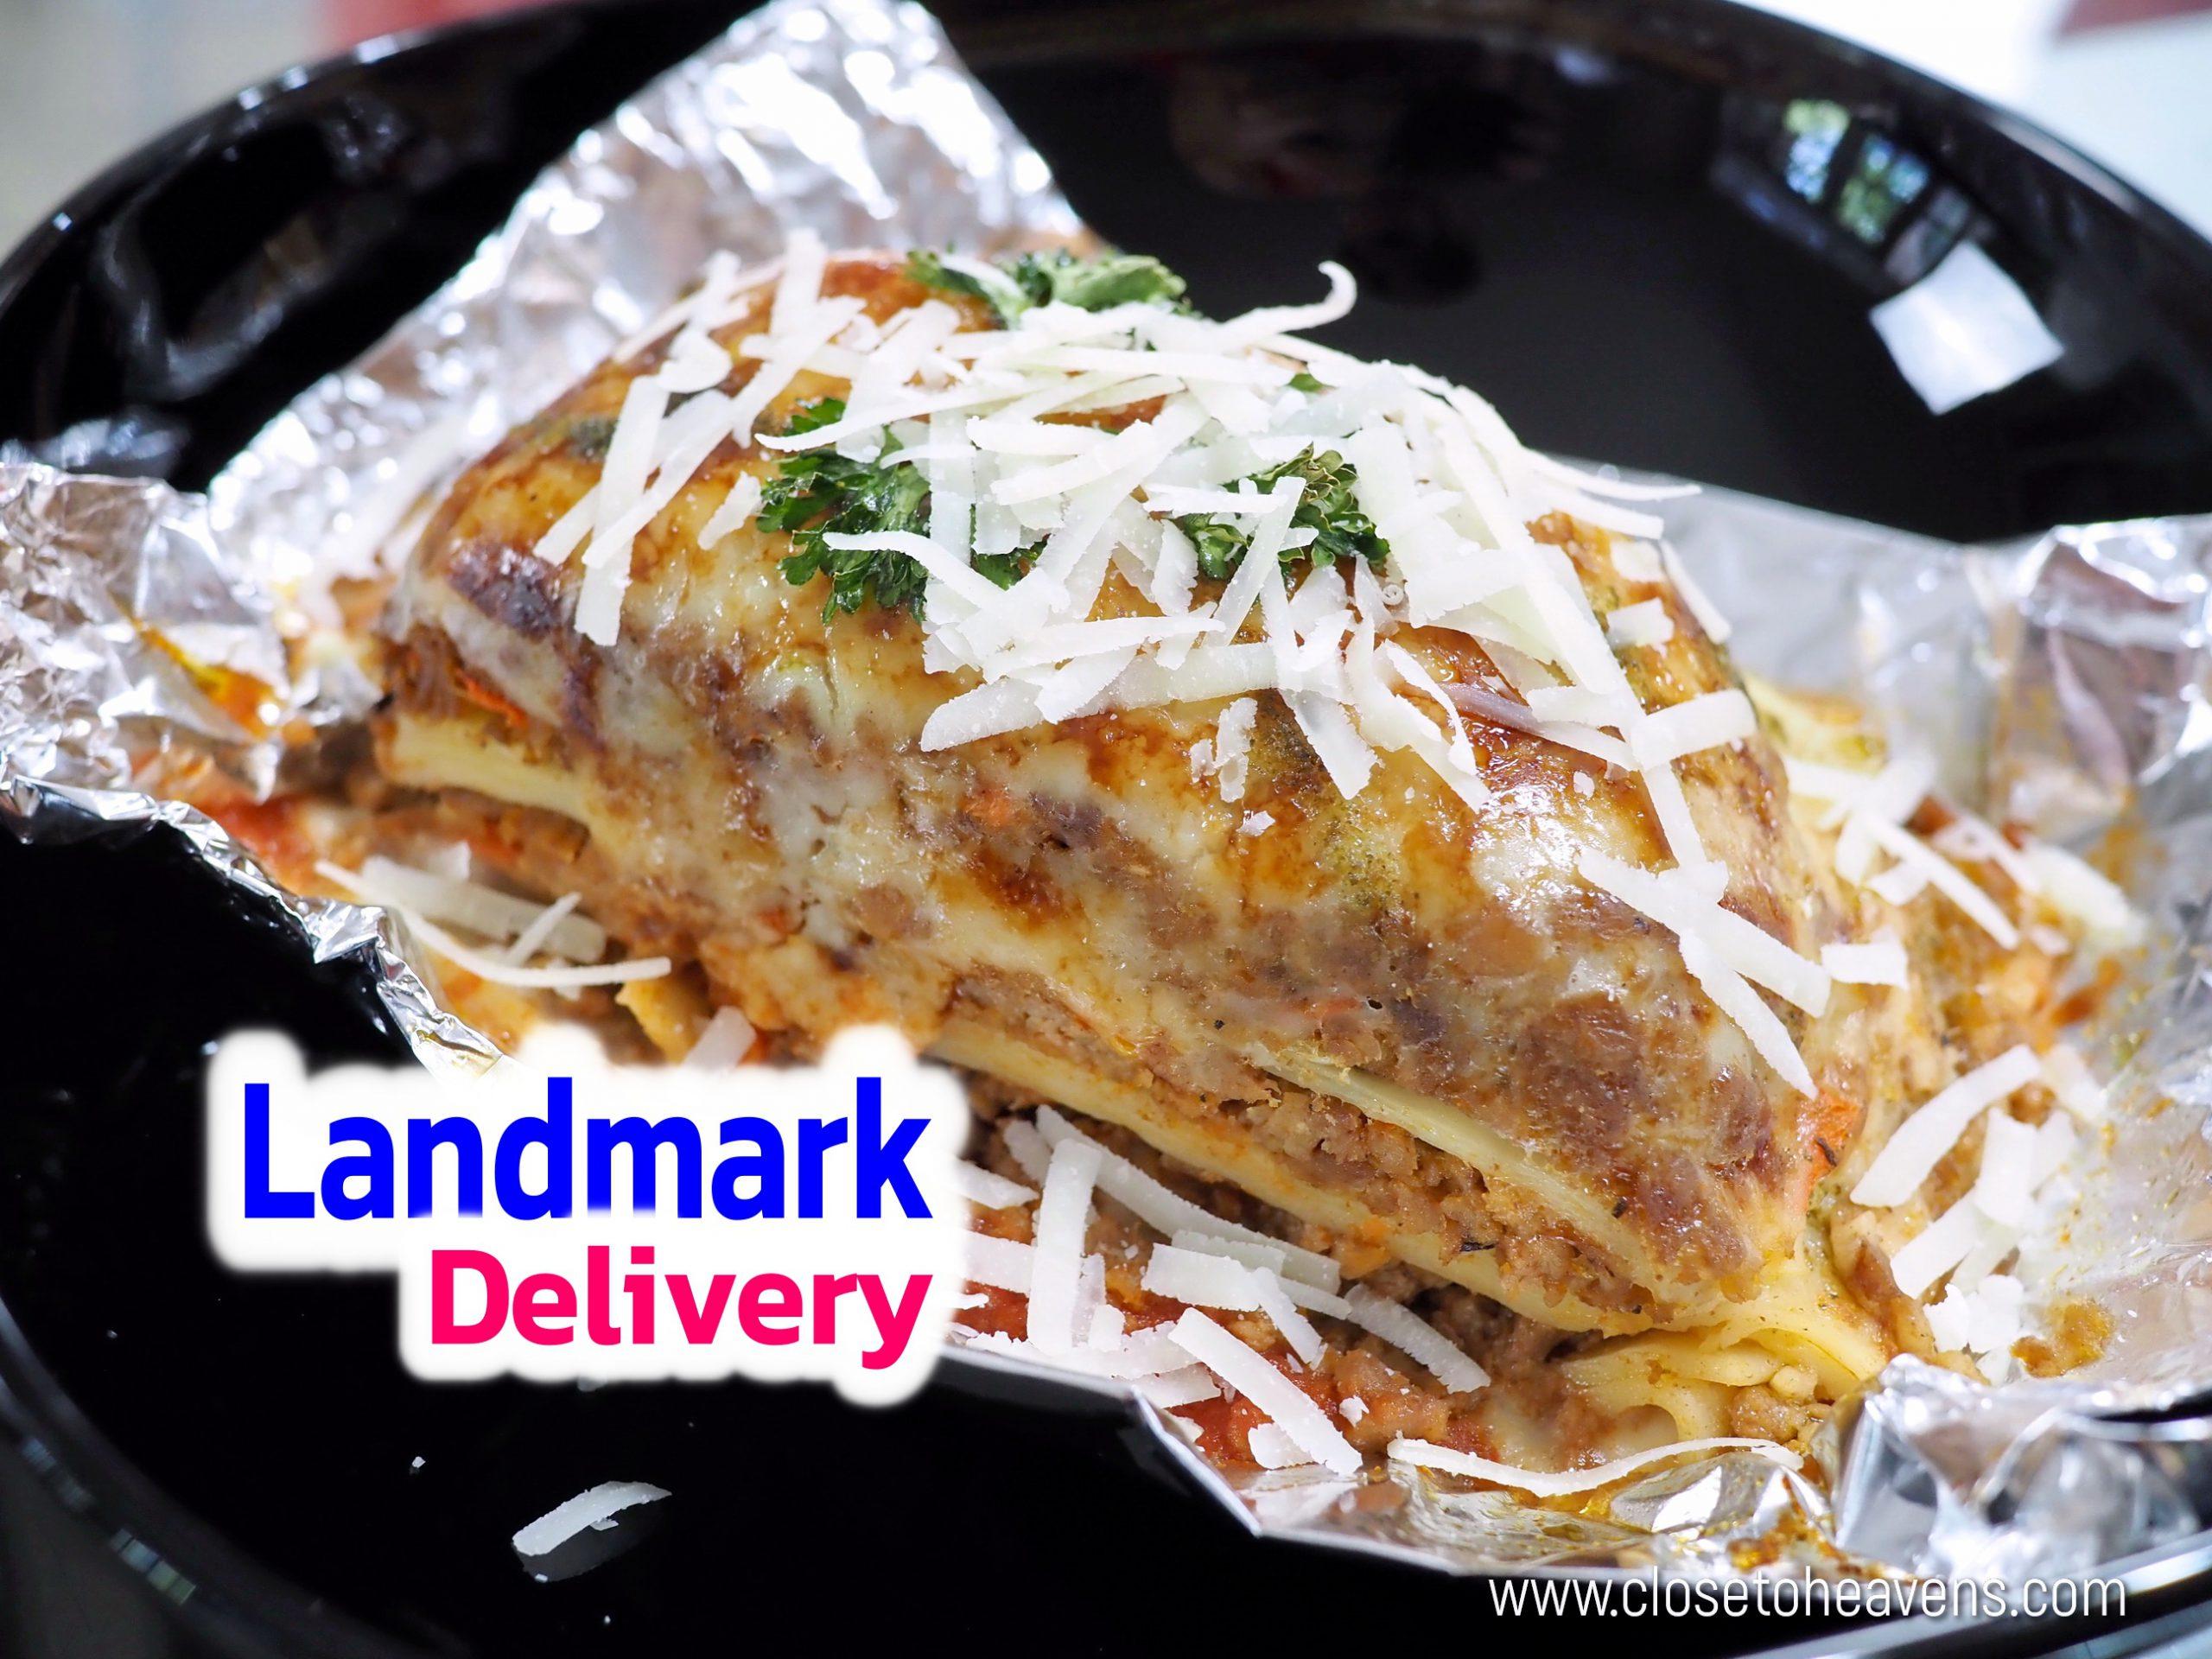 Landmark Bangkok Food Delivery 24 Hours